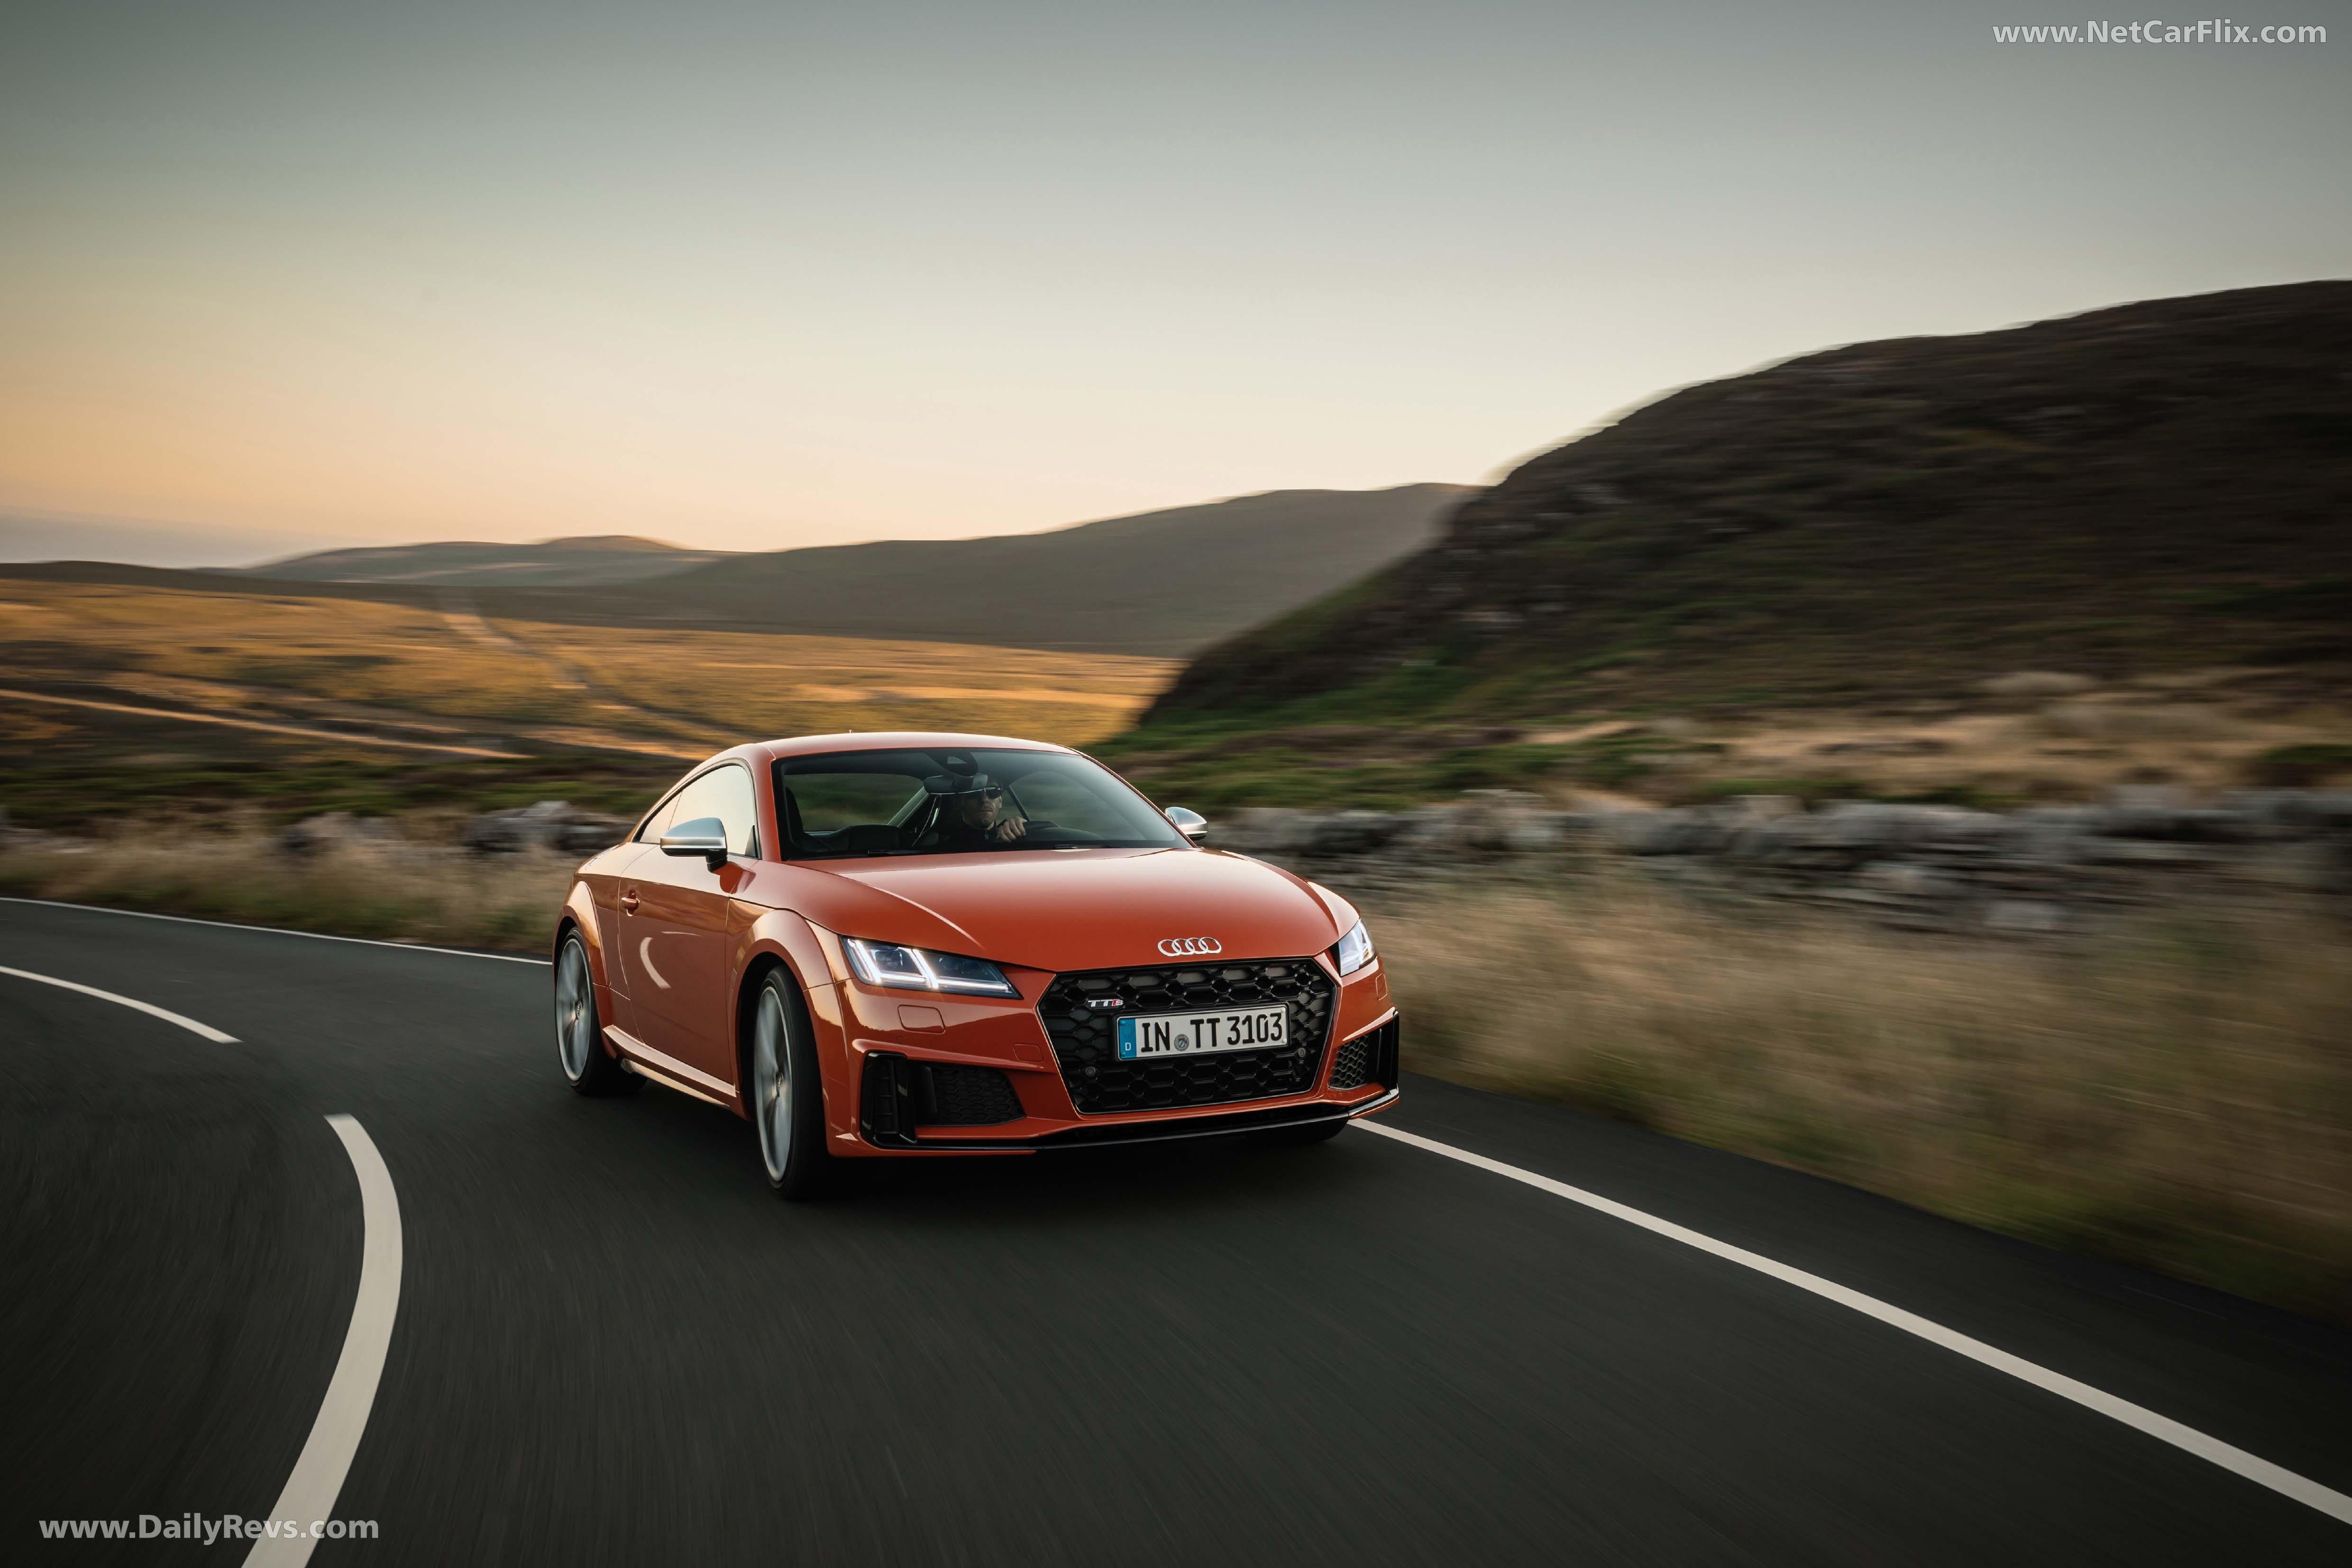 2019 Audi TTS Coupe full